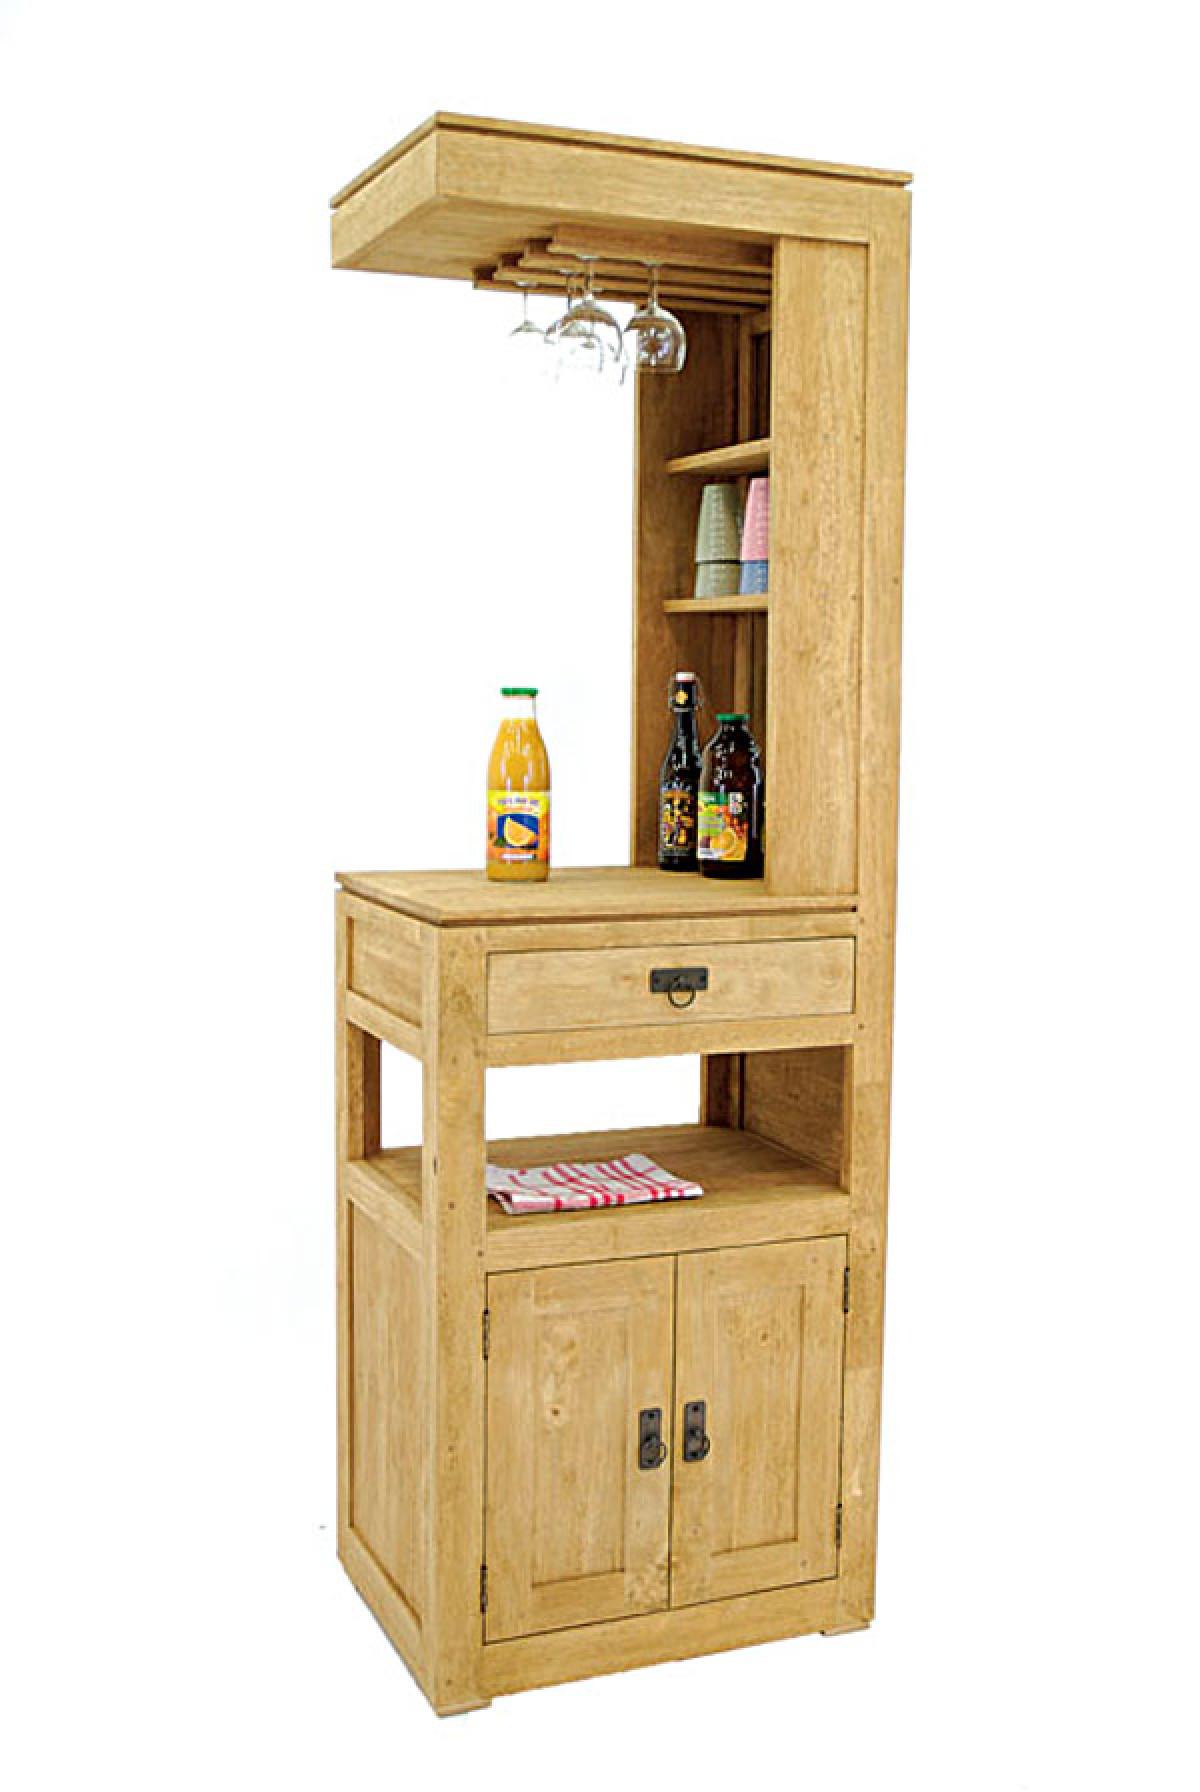 meuble bar en bois recycle d hevea personnalisable 62x45x190 cm